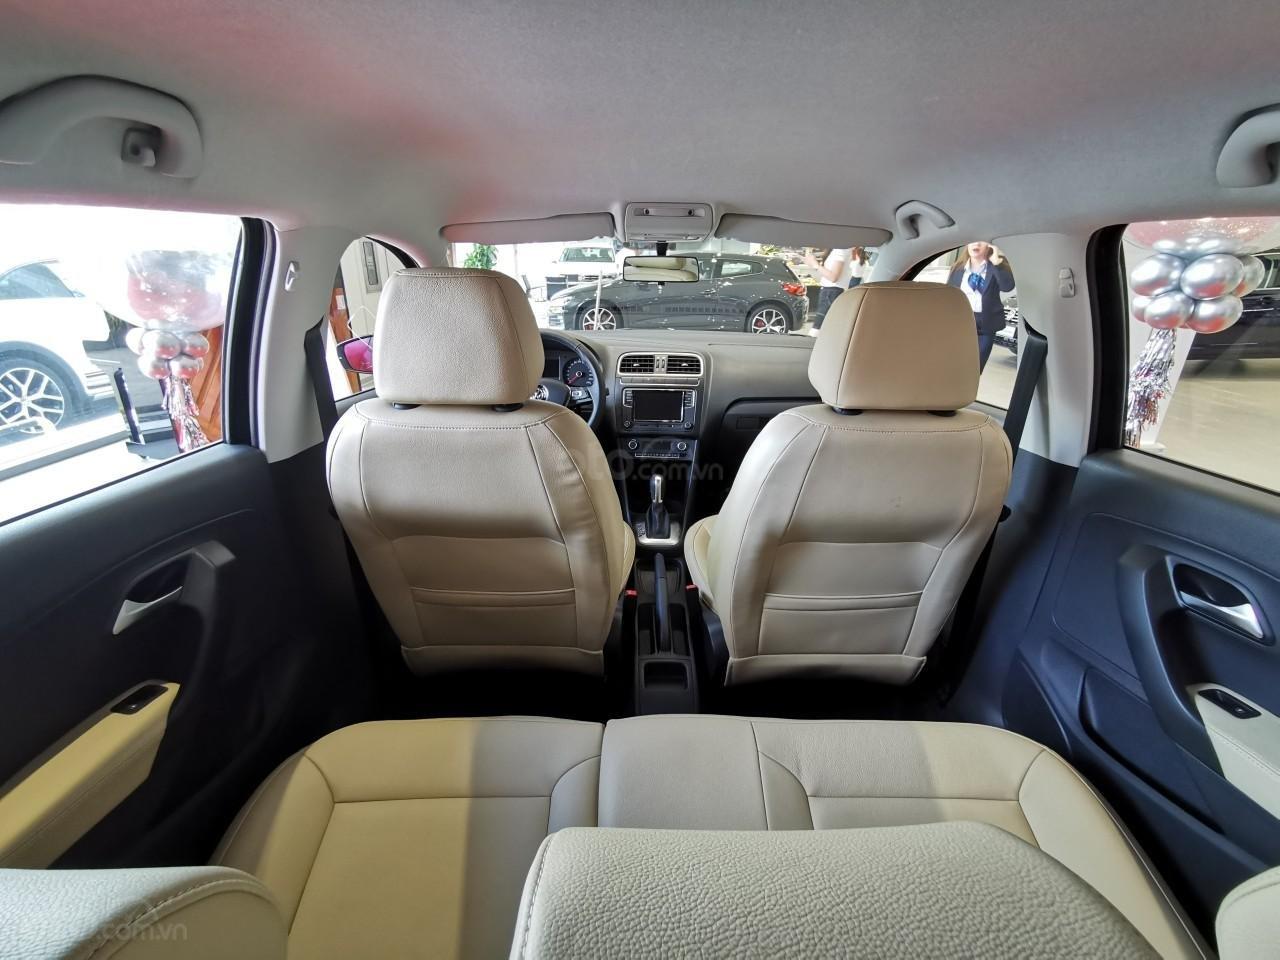 Sang gấp vài con Polo Hatchback lướt, giá cực tốt, đã tuốt mới và độ đồ xịn của hãng, đủ màu, sang tên và giao ngay trong ngày (3)